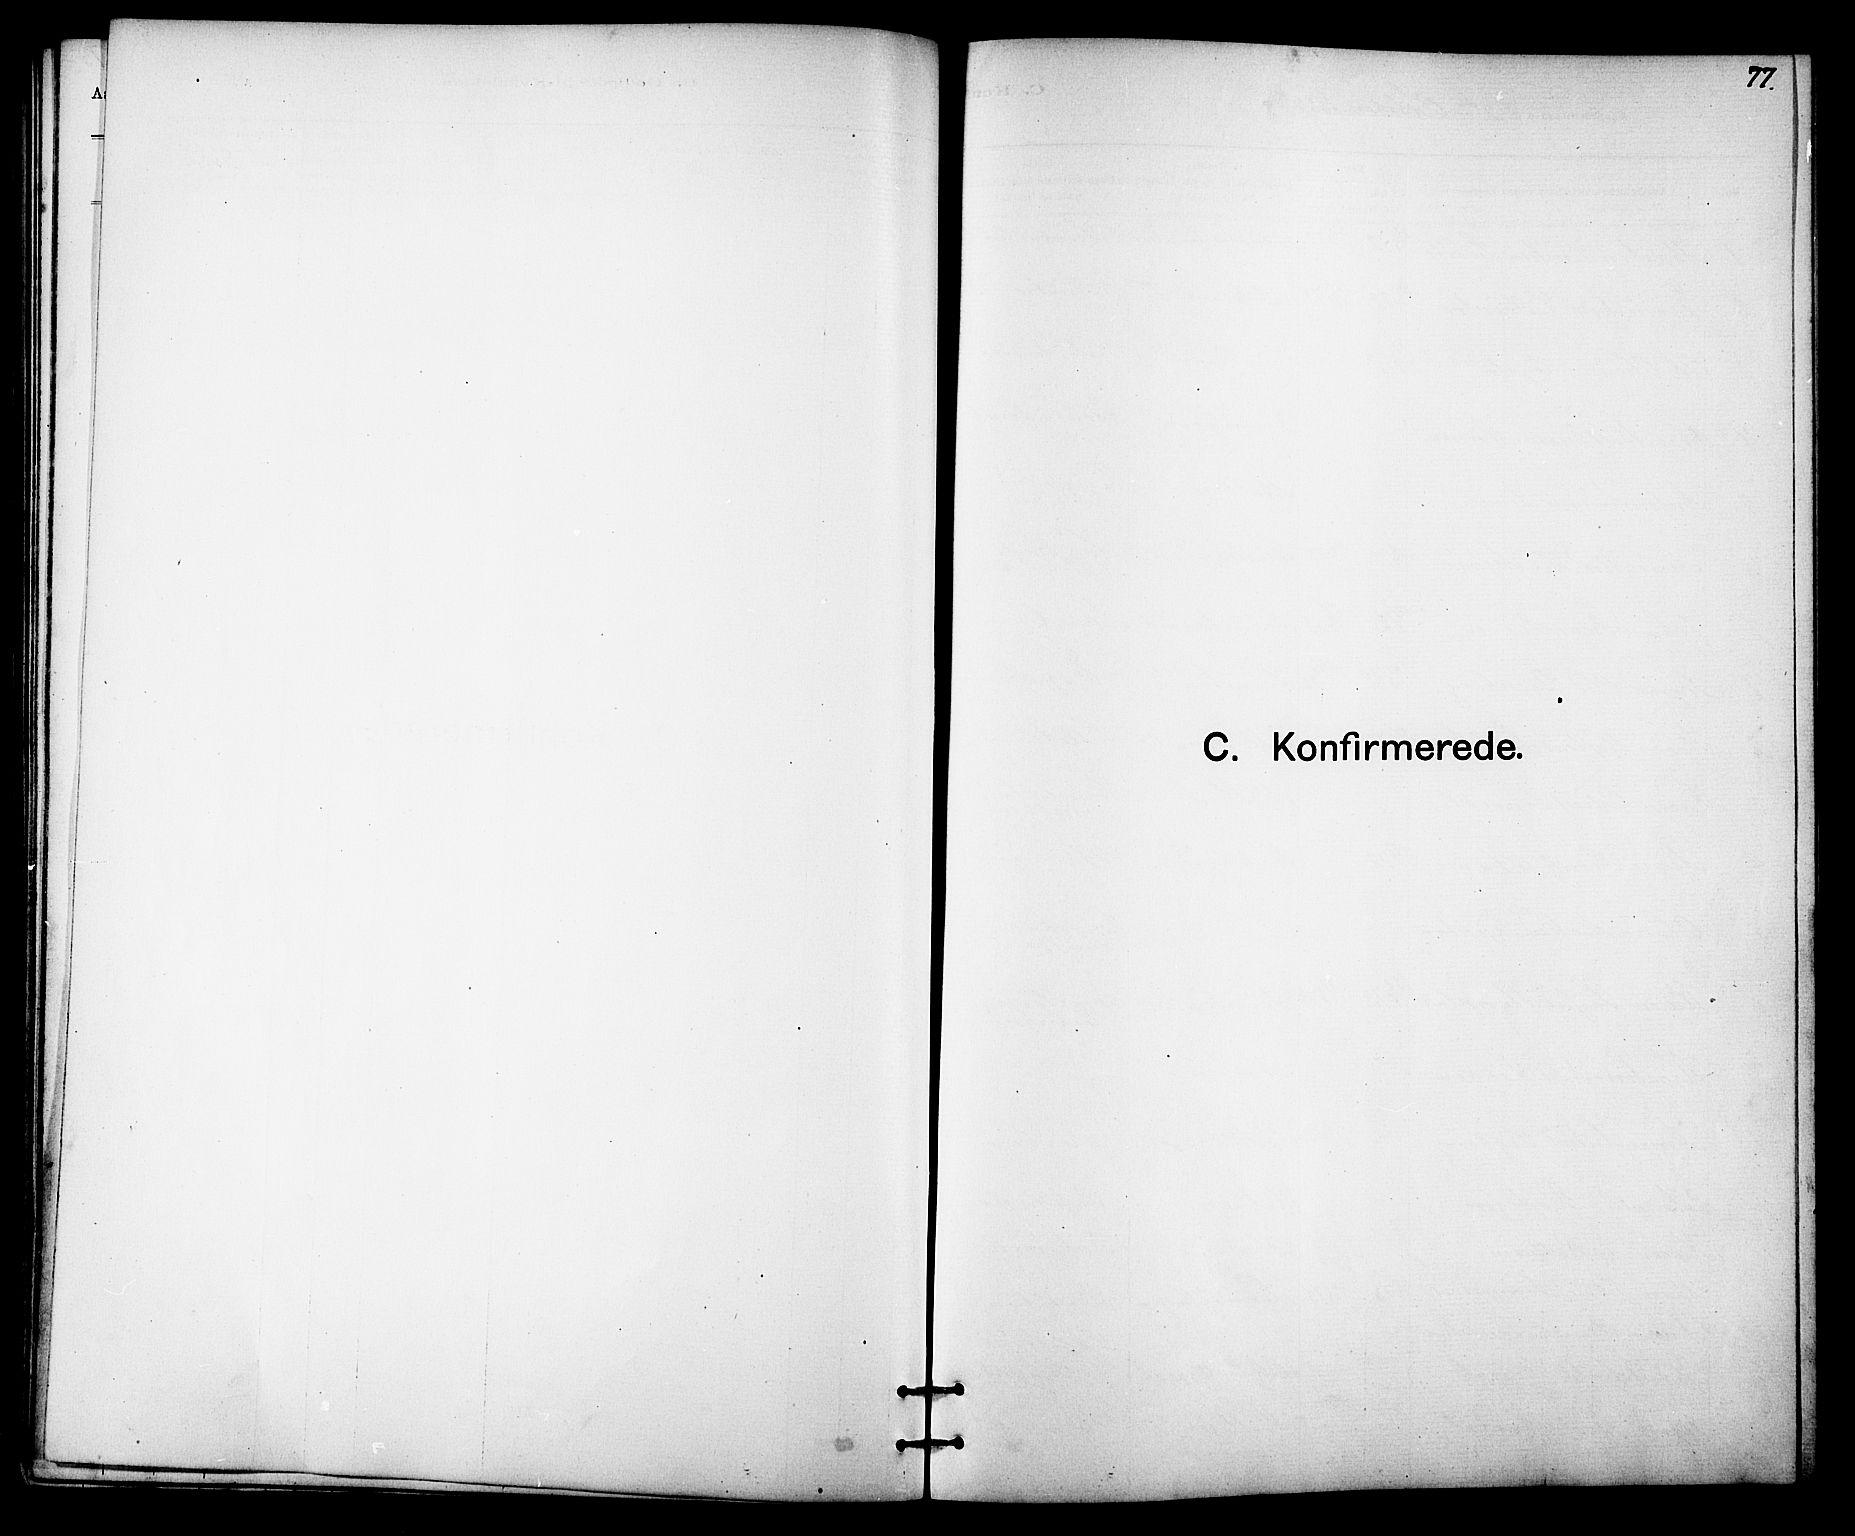 SAT, Ministerialprotokoller, klokkerbøker og fødselsregistre - Sør-Trøndelag, 613/L0395: Klokkerbok nr. 613C03, 1887-1909, s. 77